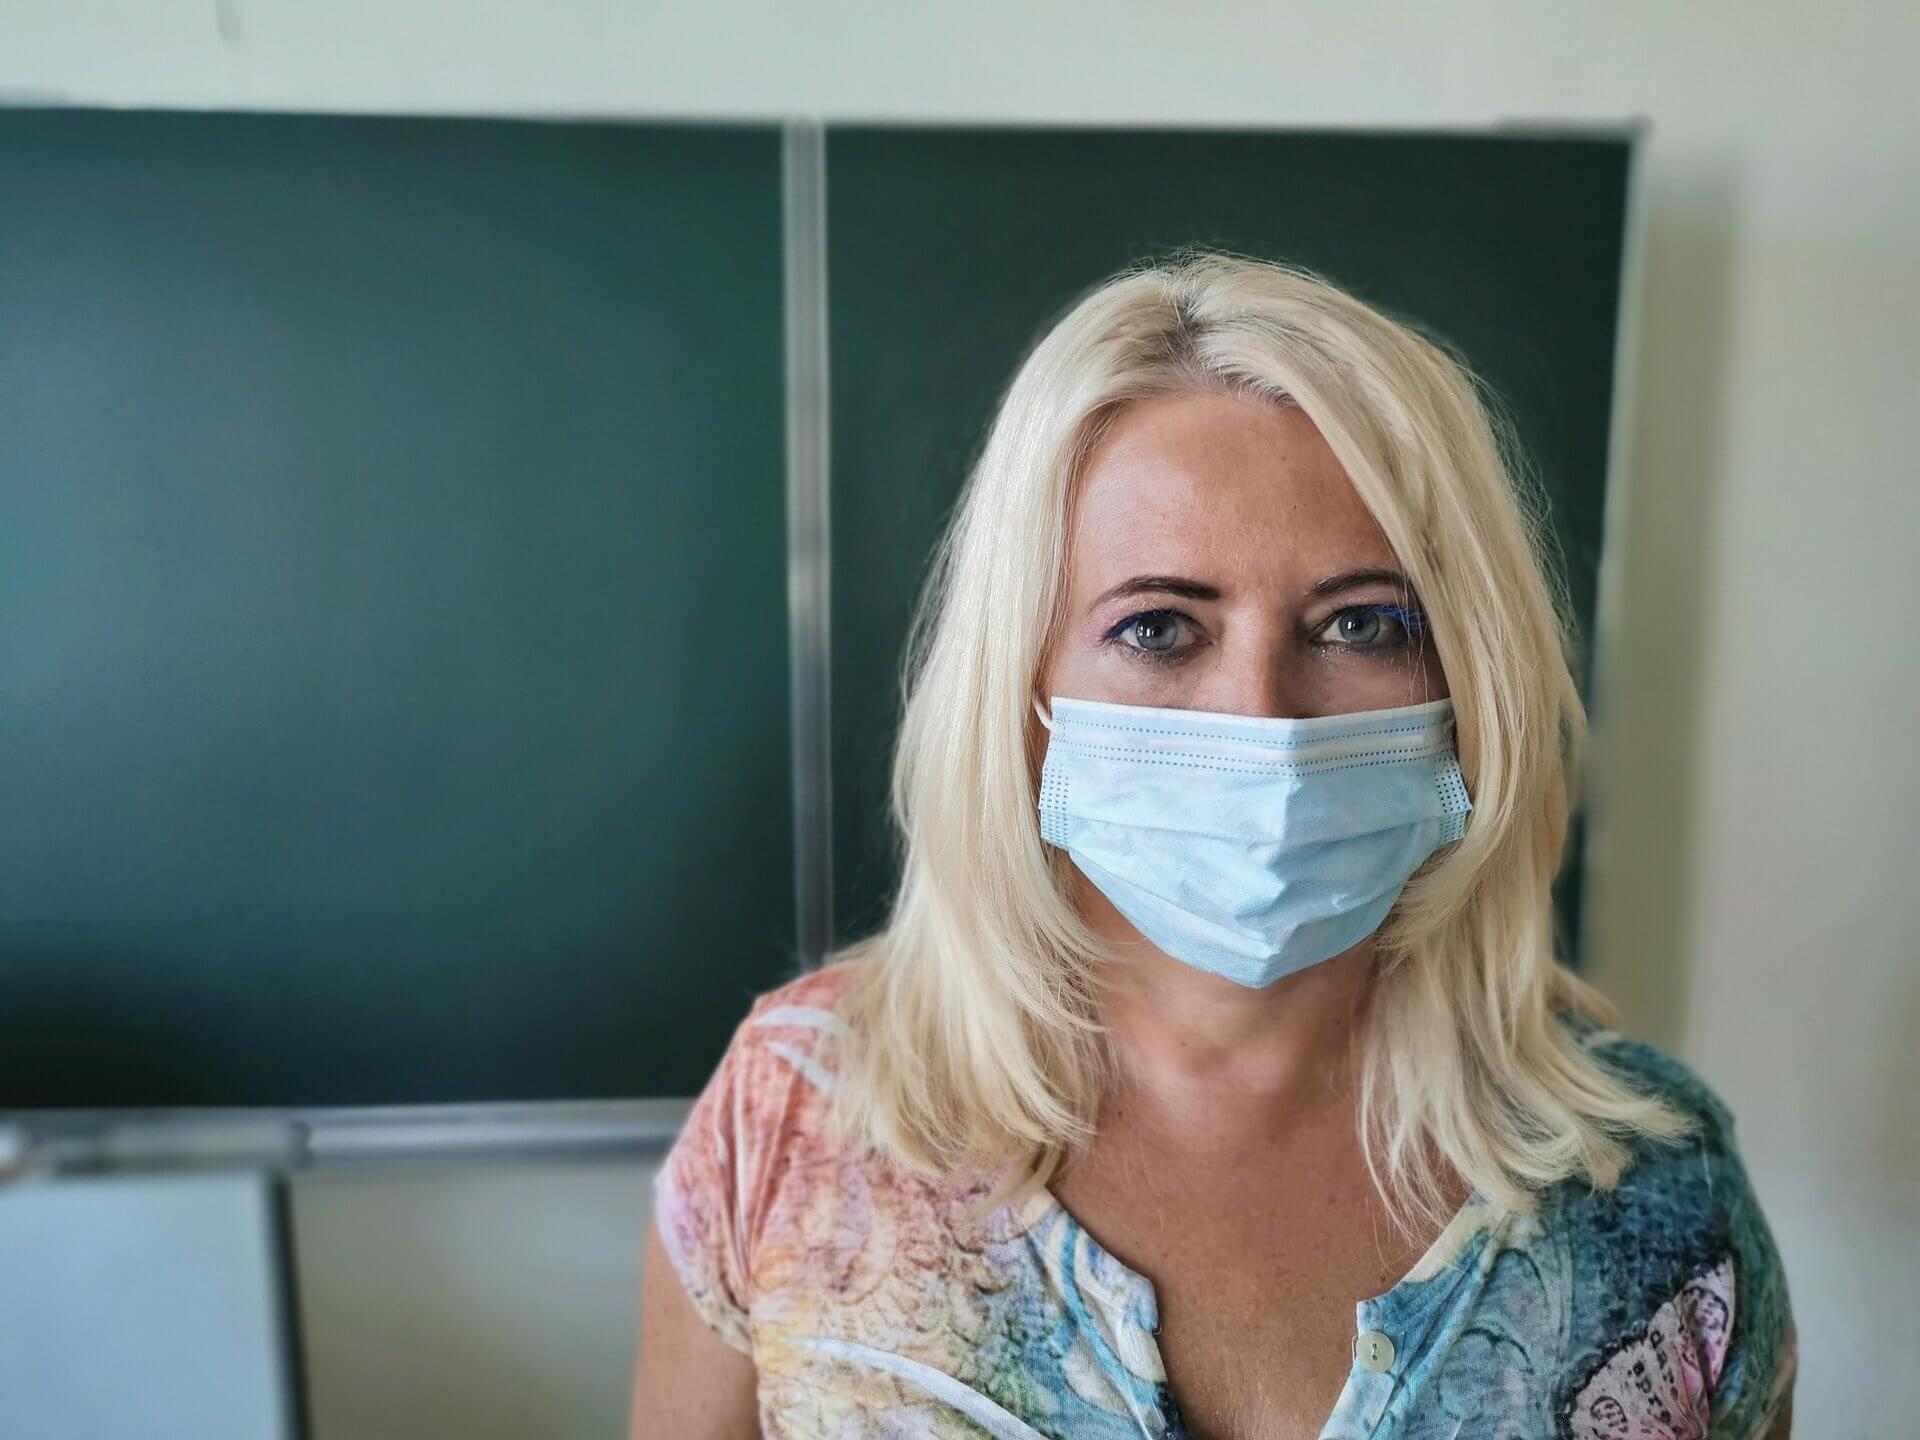 Ministarstvo objavilo nove podatke o zarazi u školama: 'Bilo je zahtjeva da se produlje praznici'